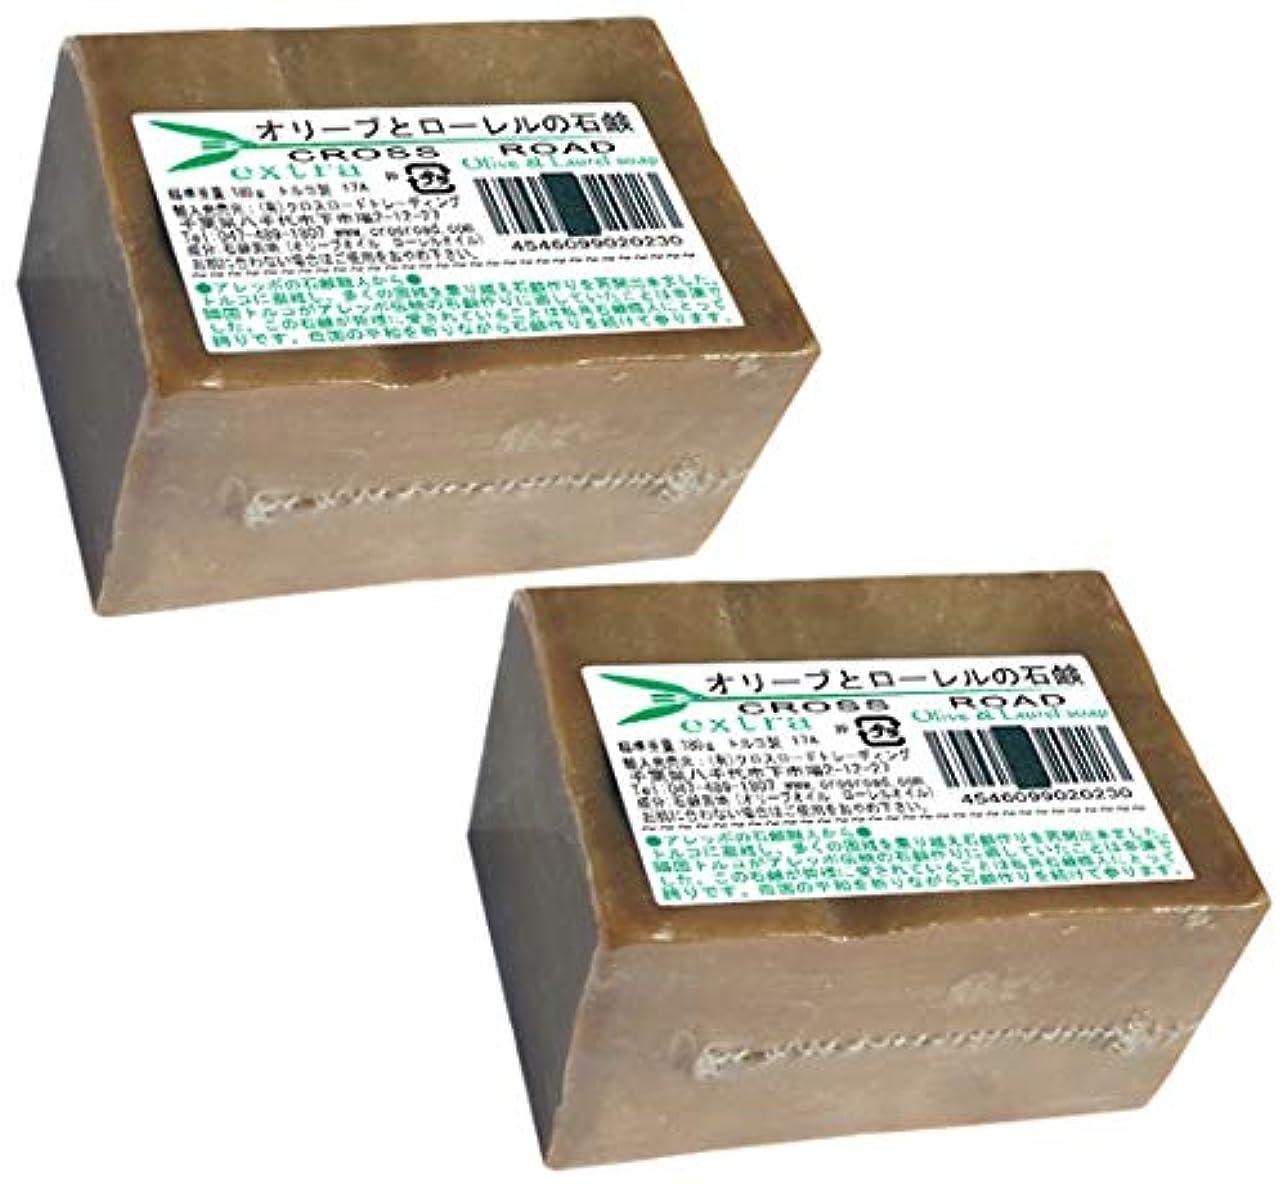 取るに足らないカテナ約束するオリーブとローレルの石鹸(エキストラ)2個セット[並行輸入品]